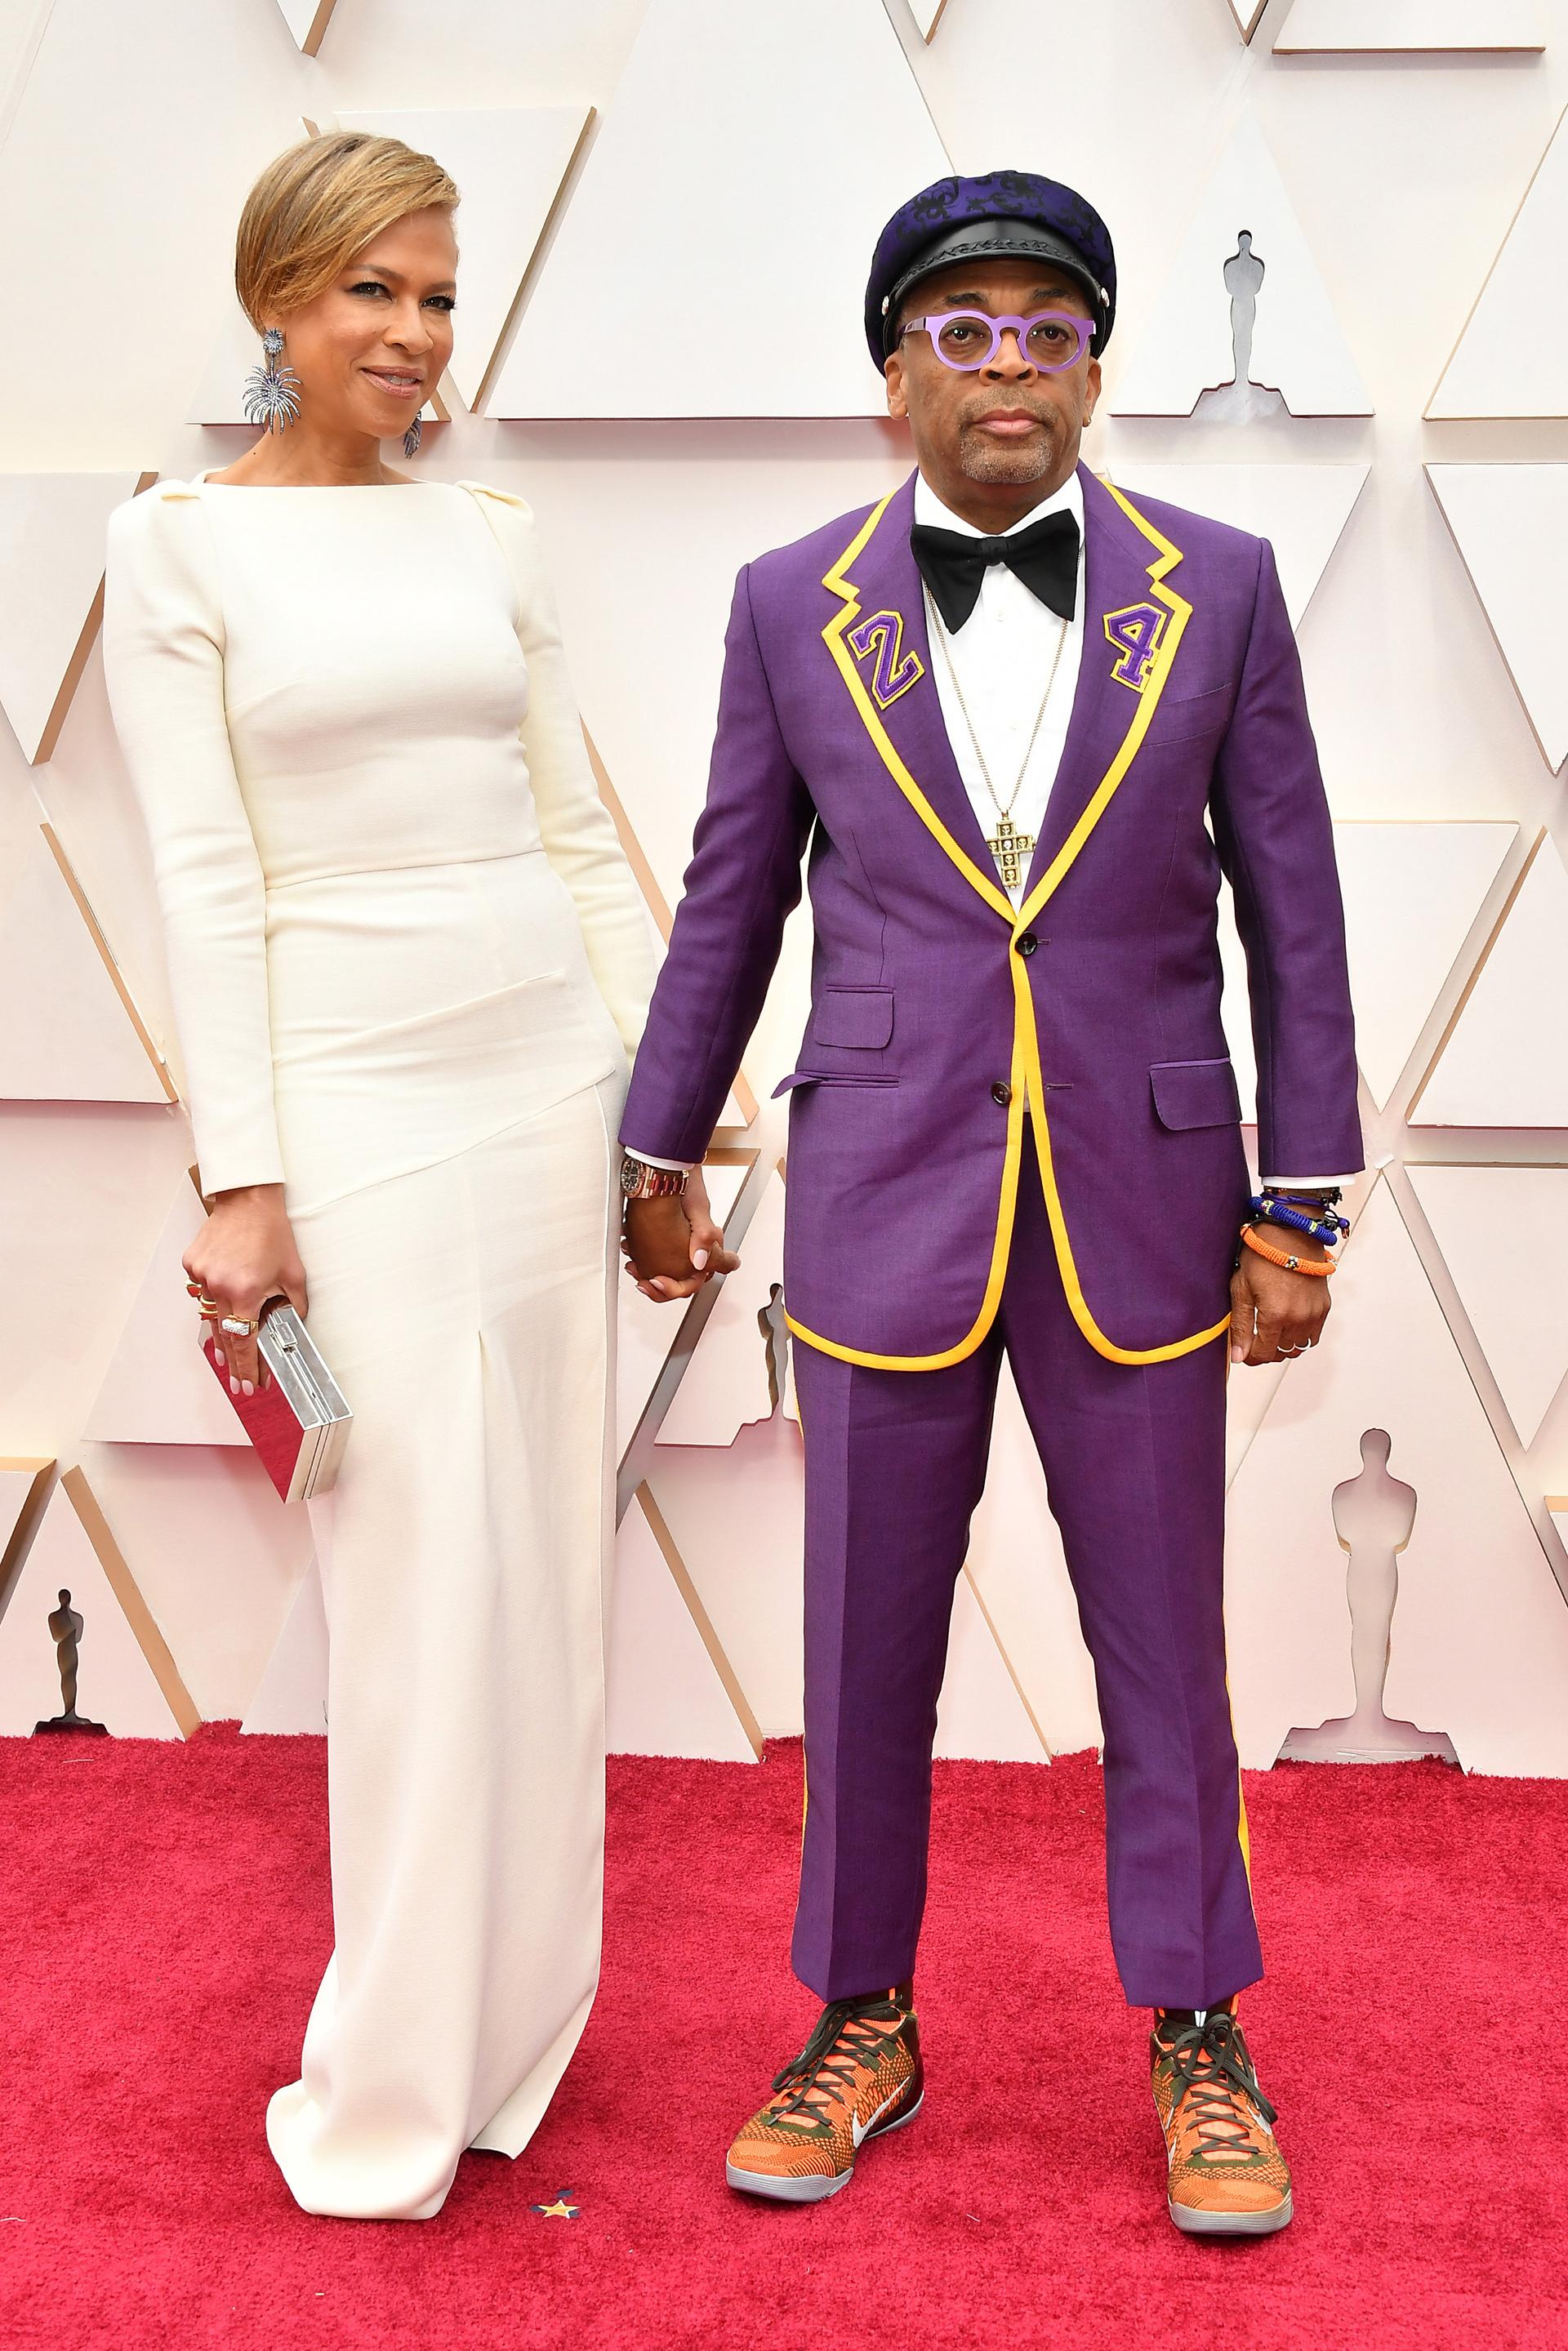 Spike Lee llamó la atención por la elección de su atuendo pero lo hizo en memoria del basquetbolista Kobe Bryant. Repitiendo el color violeta en la alfombra roja, en su saco se dejó ver el número 24, el mismo que lucía el deportista en la camiseta de los Lakers , así él lo homenajeó en los Oscar